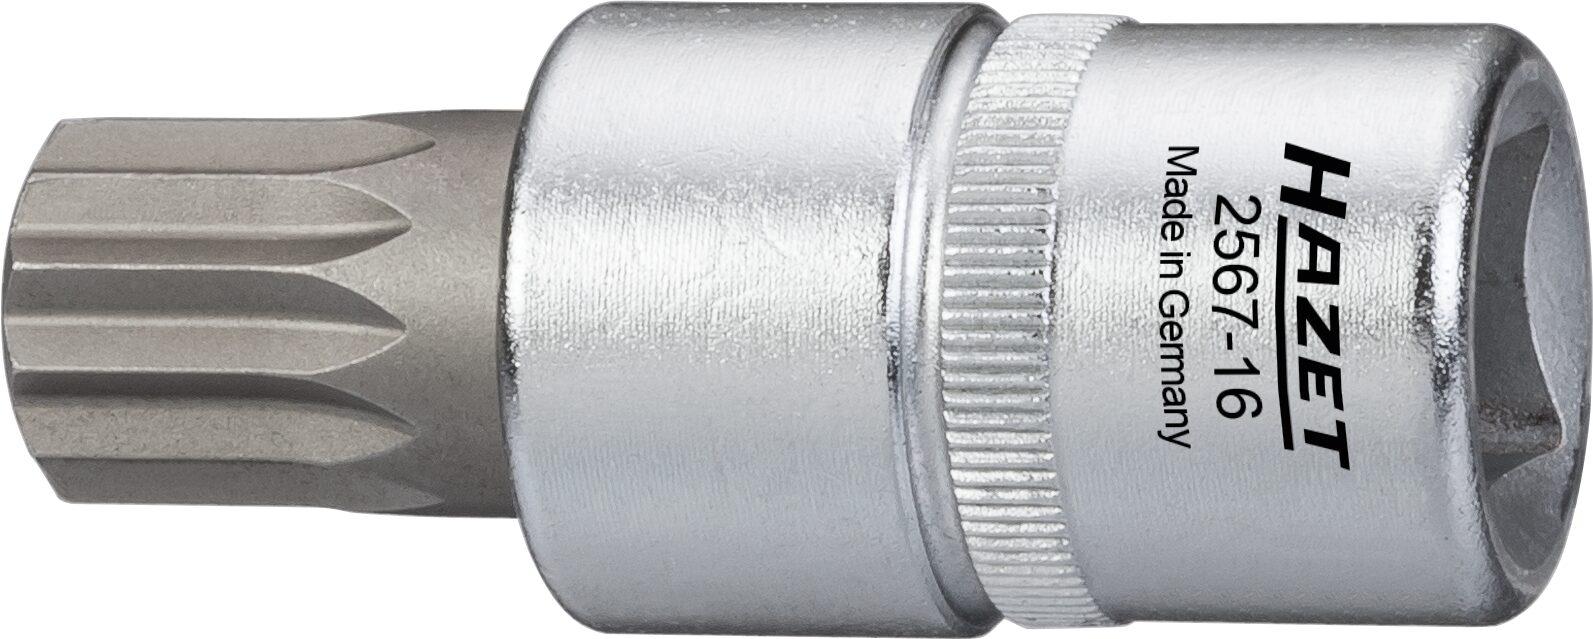 HAZET Öldienst Schraubendreher Steckschlüsseleinsatz 2567-16 ∙ Vierkant hohl 12,5 mm (1/2 Zoll) ∙ M16